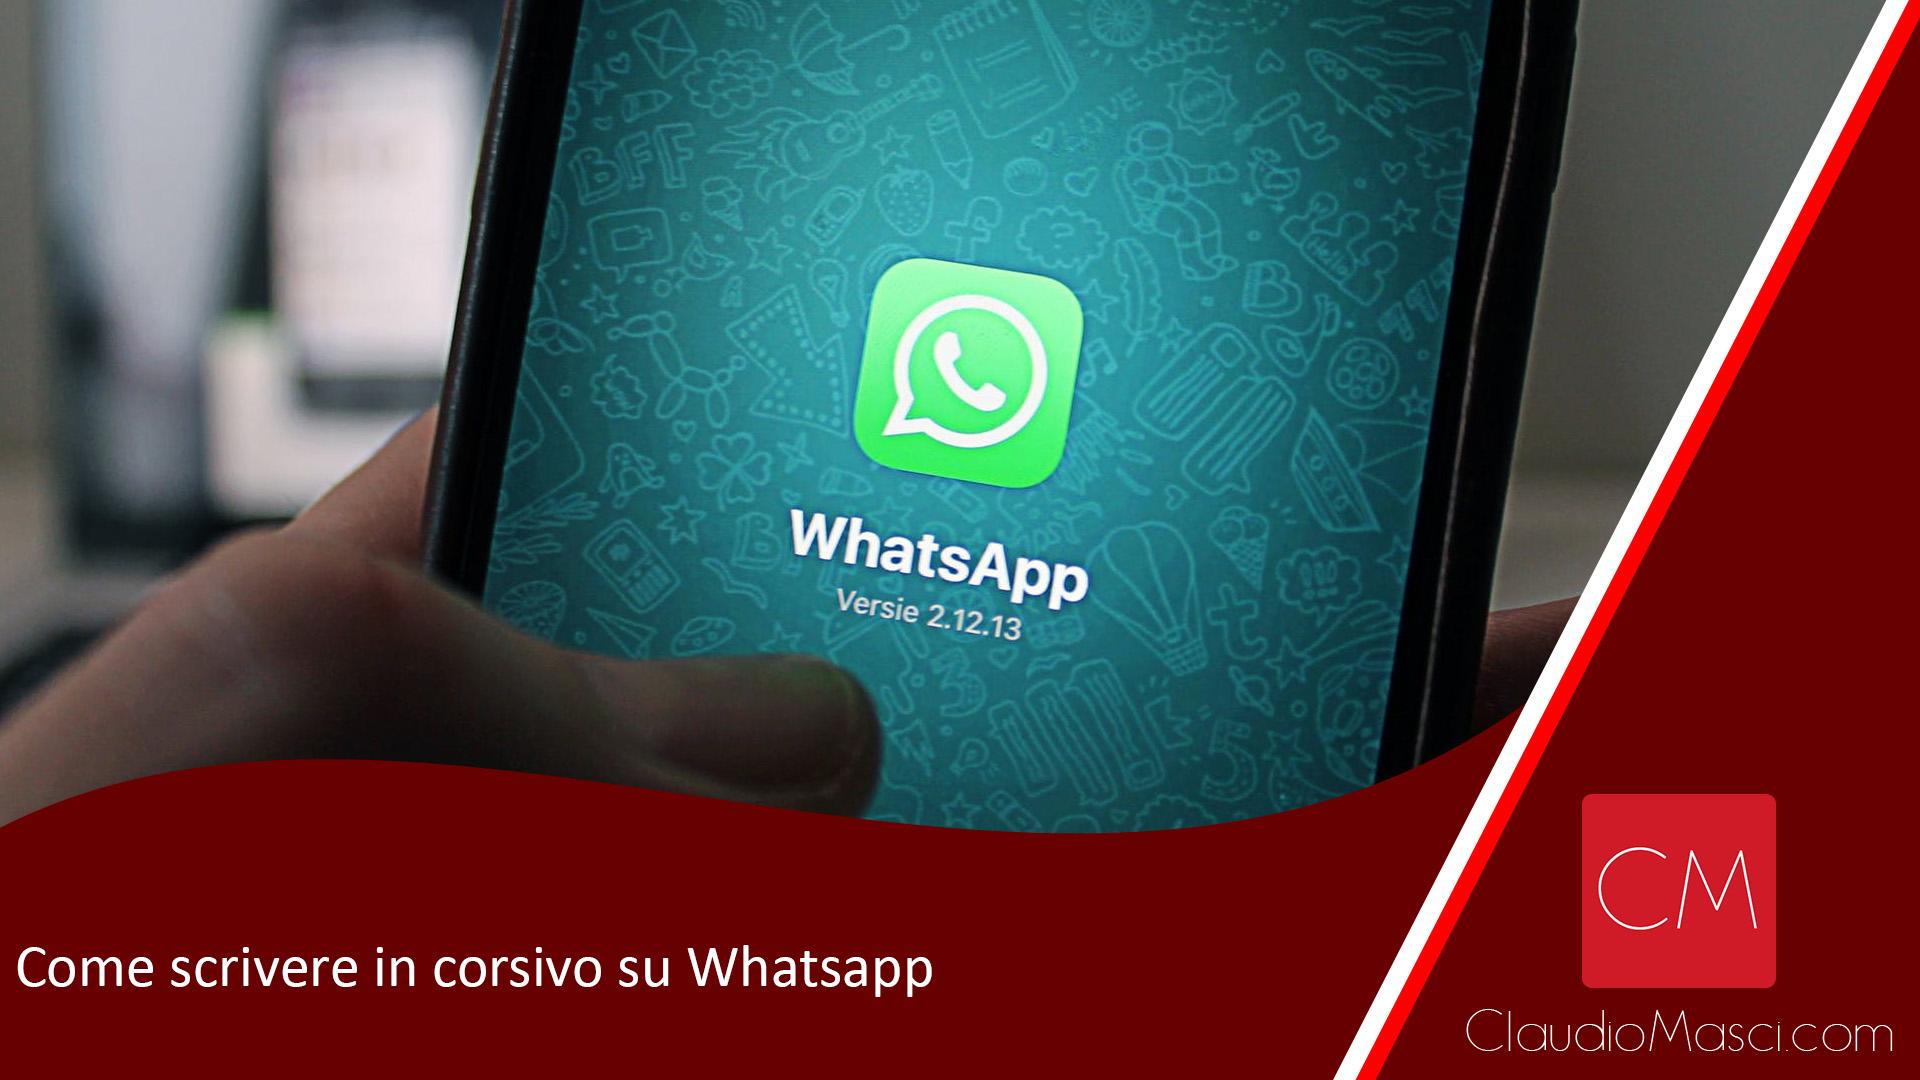 Come scrivere in corsivo su Whatsapp